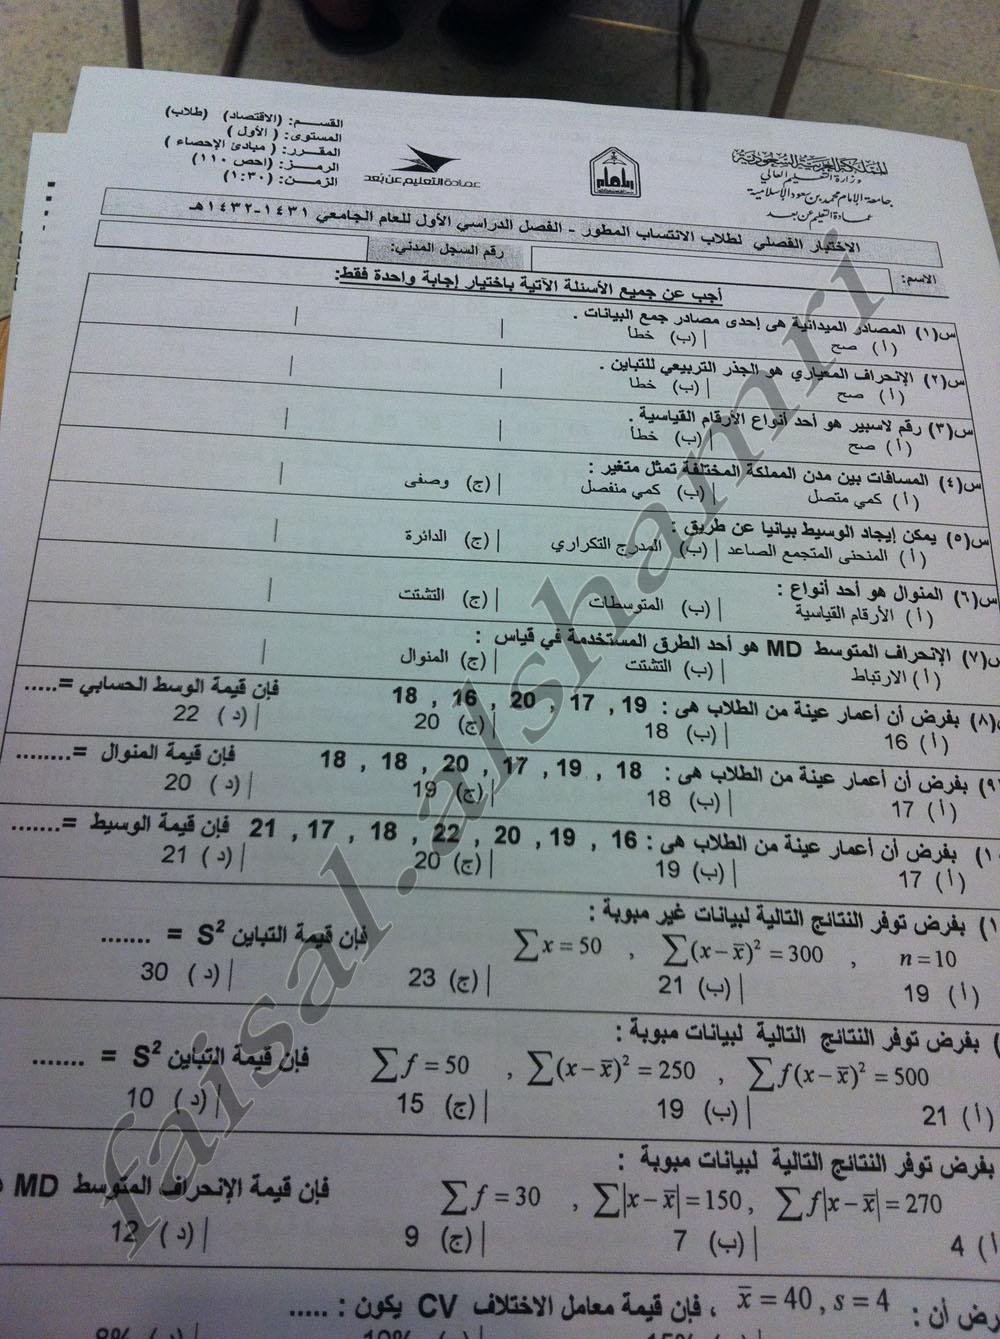 كتاب احصاء 110 جامعة الملك عبدالعزيز